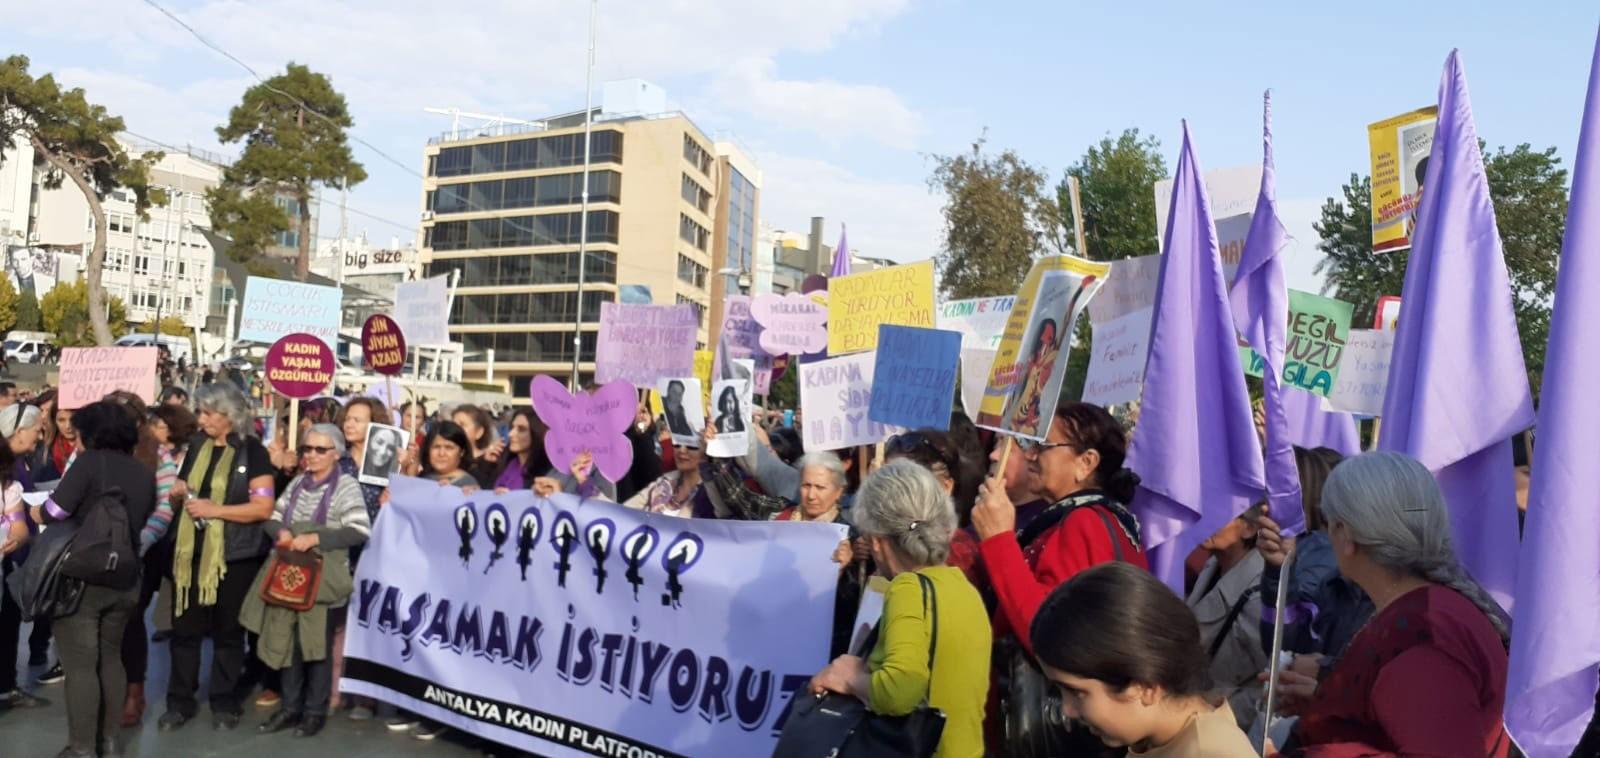 Meydanda, Antalya Kadın Platformu'nun Yaşamak İstiyoruz yazılı pankartını taşıyan kadınlar.